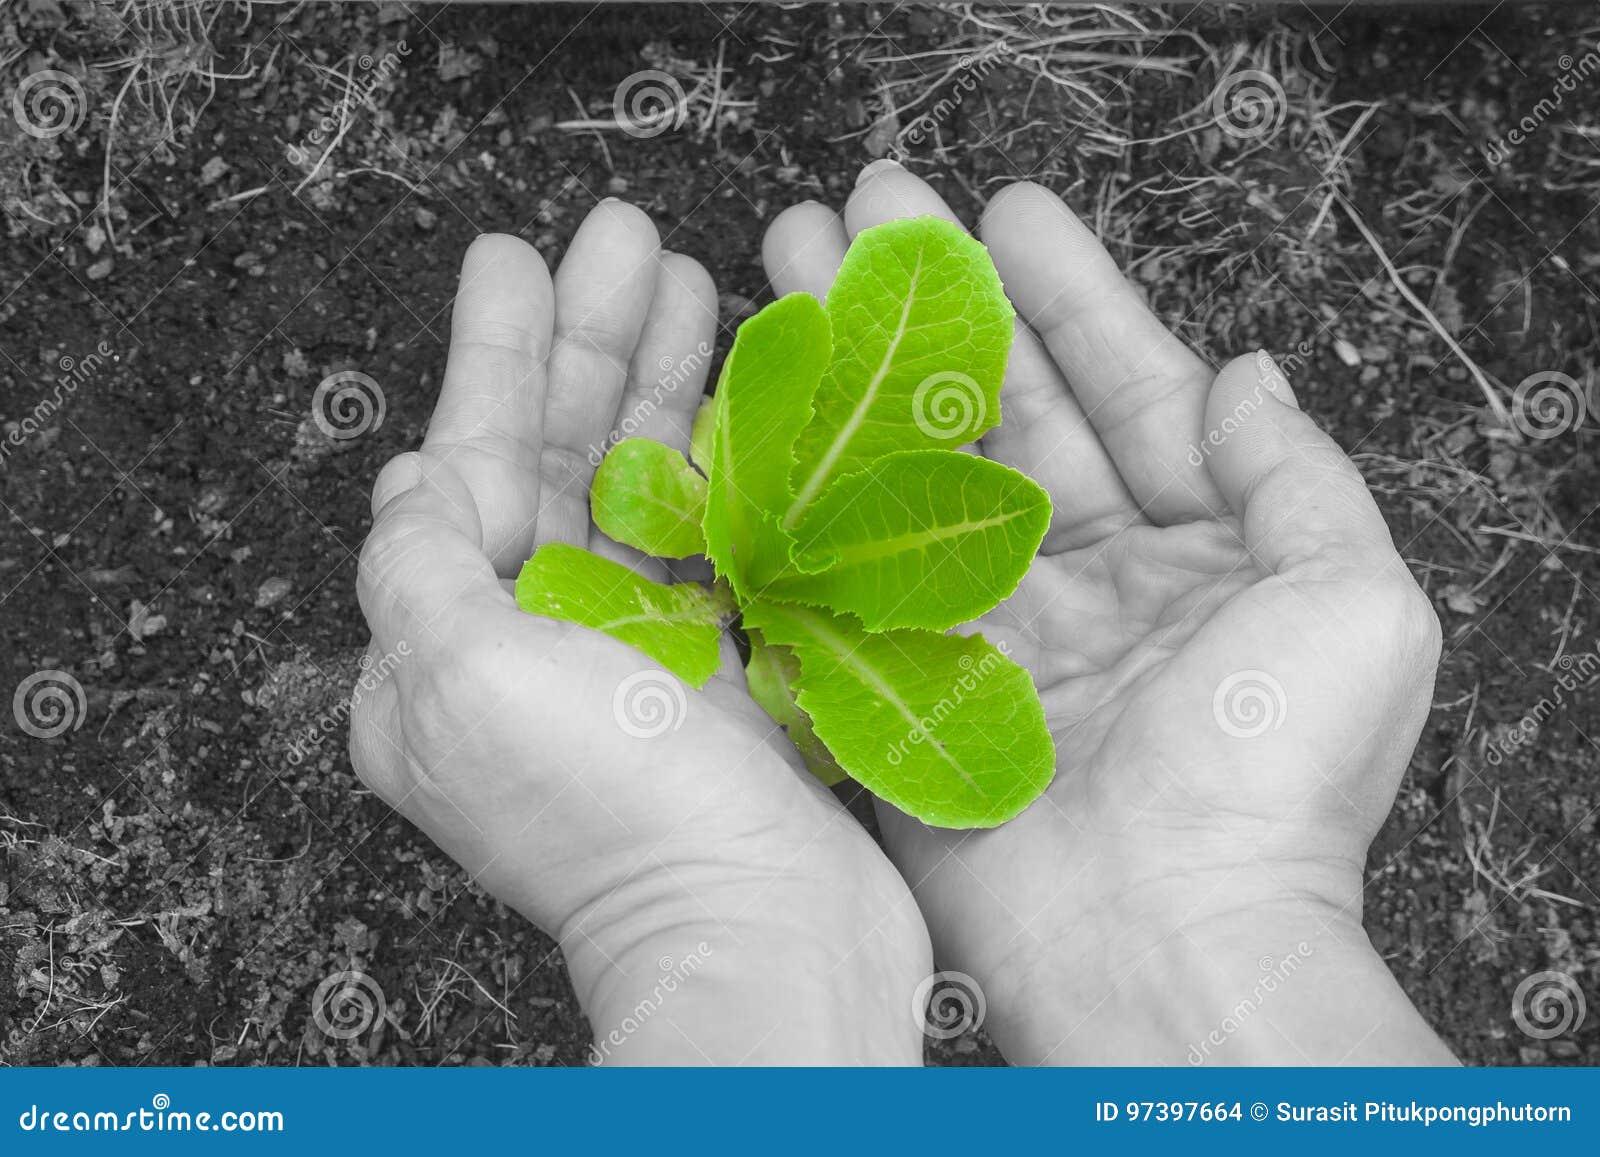 A mulher entrega guardar e importar-se uma árvore nova verde com solo marrom